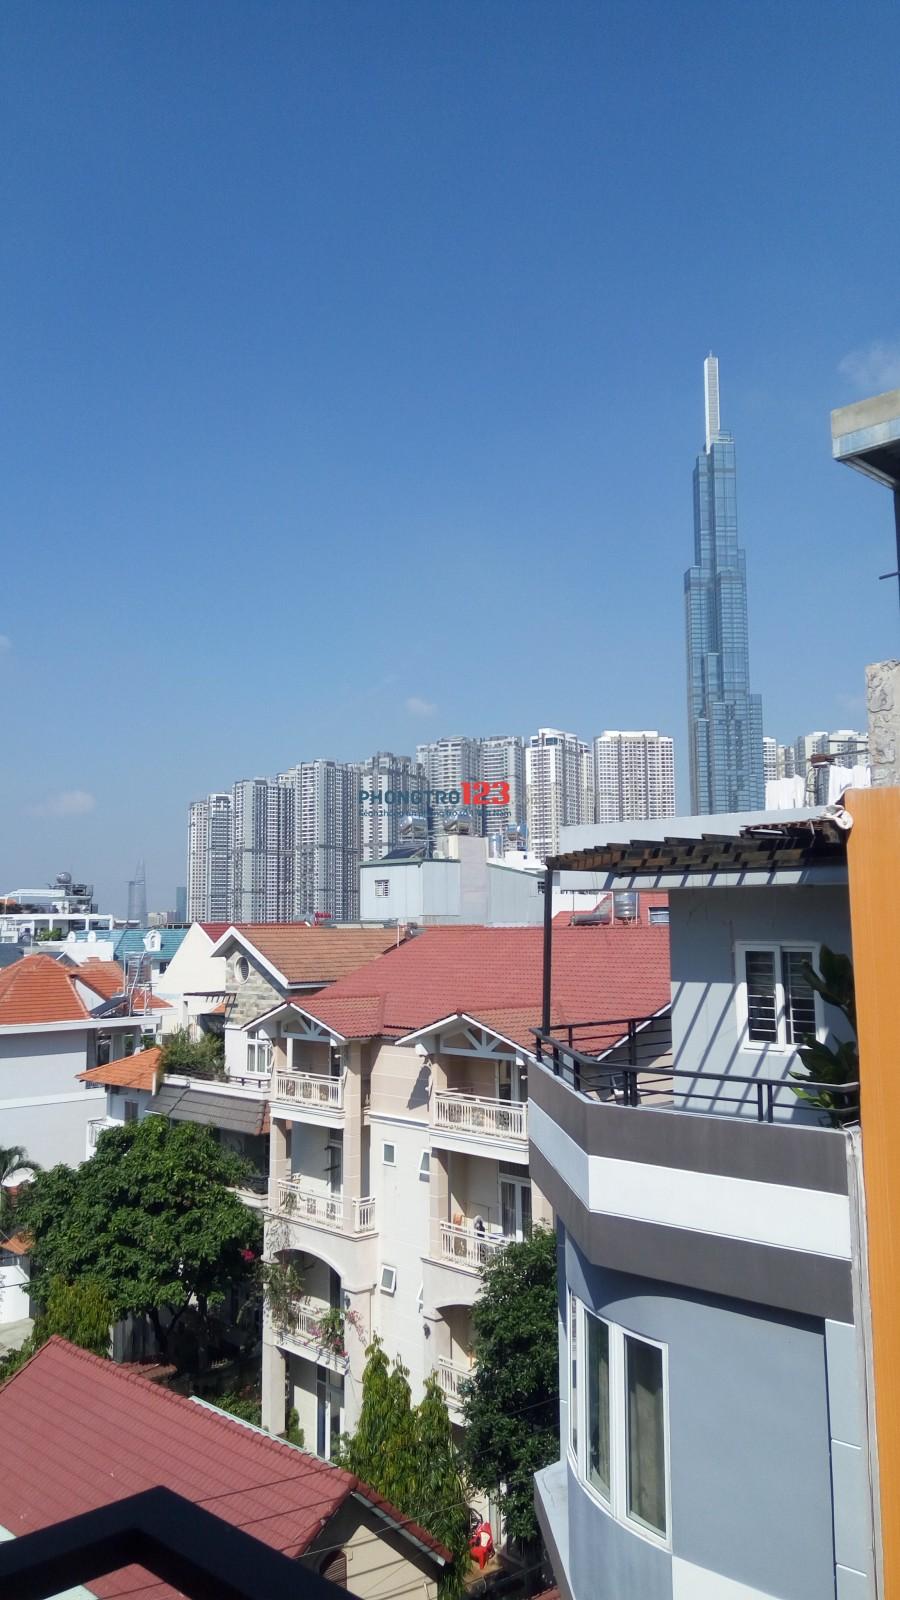 Casa A Nam, Quận 2 Cho thuê phòng trọ đẹp dành cho người đi làm tại thành phố Hồ Chí Minh.